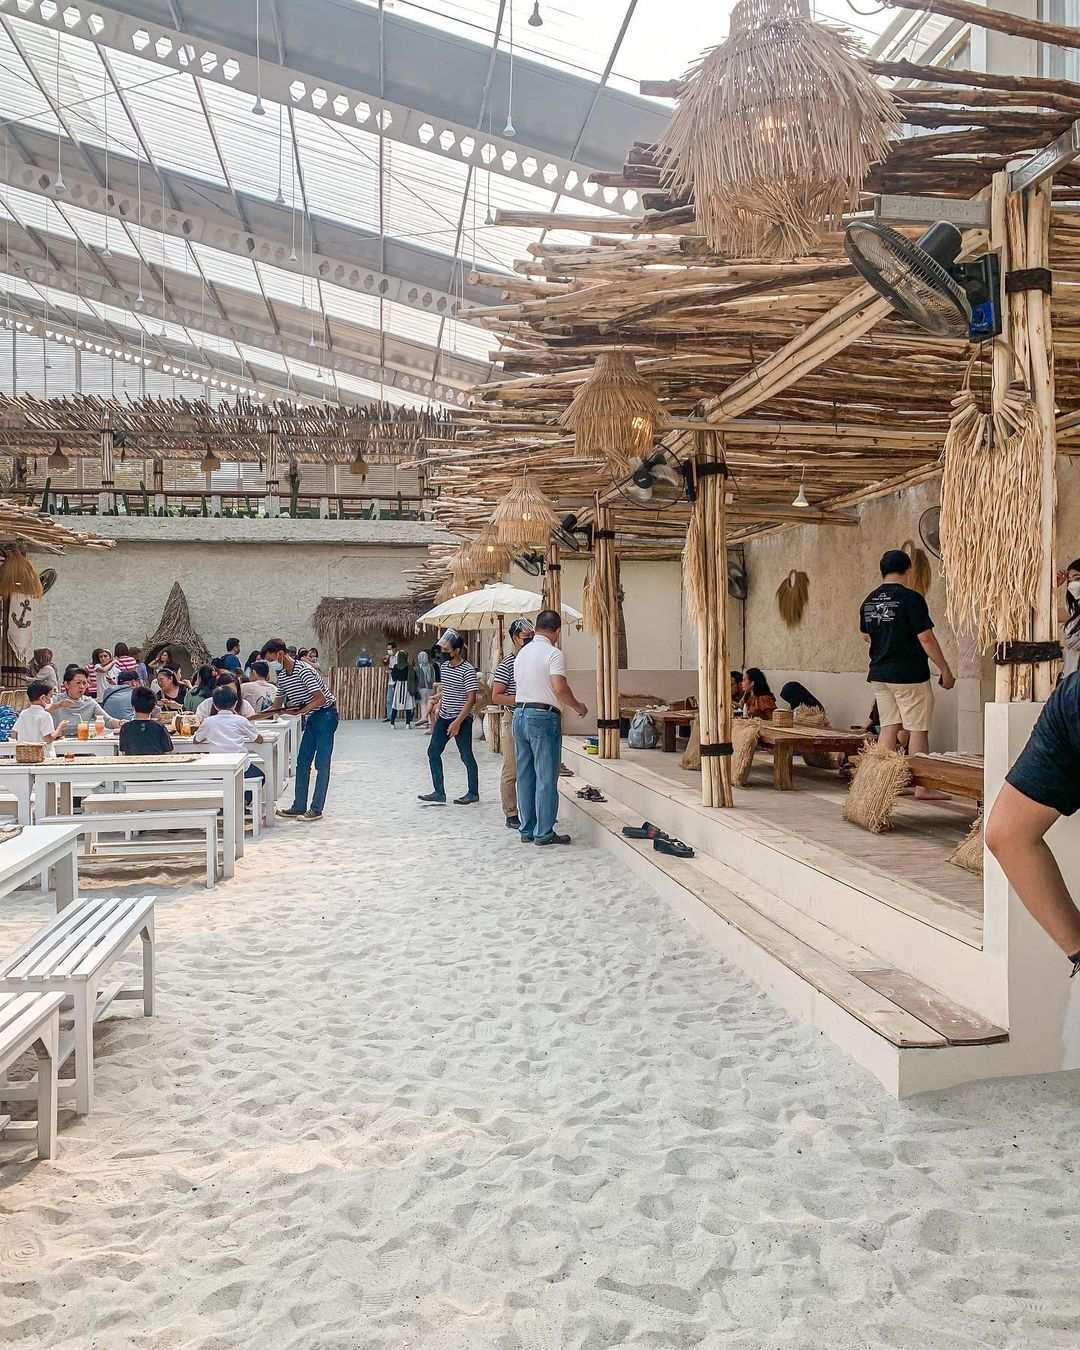 Suasana Pengunjung di Hey Beach Image From @stellaoctavius